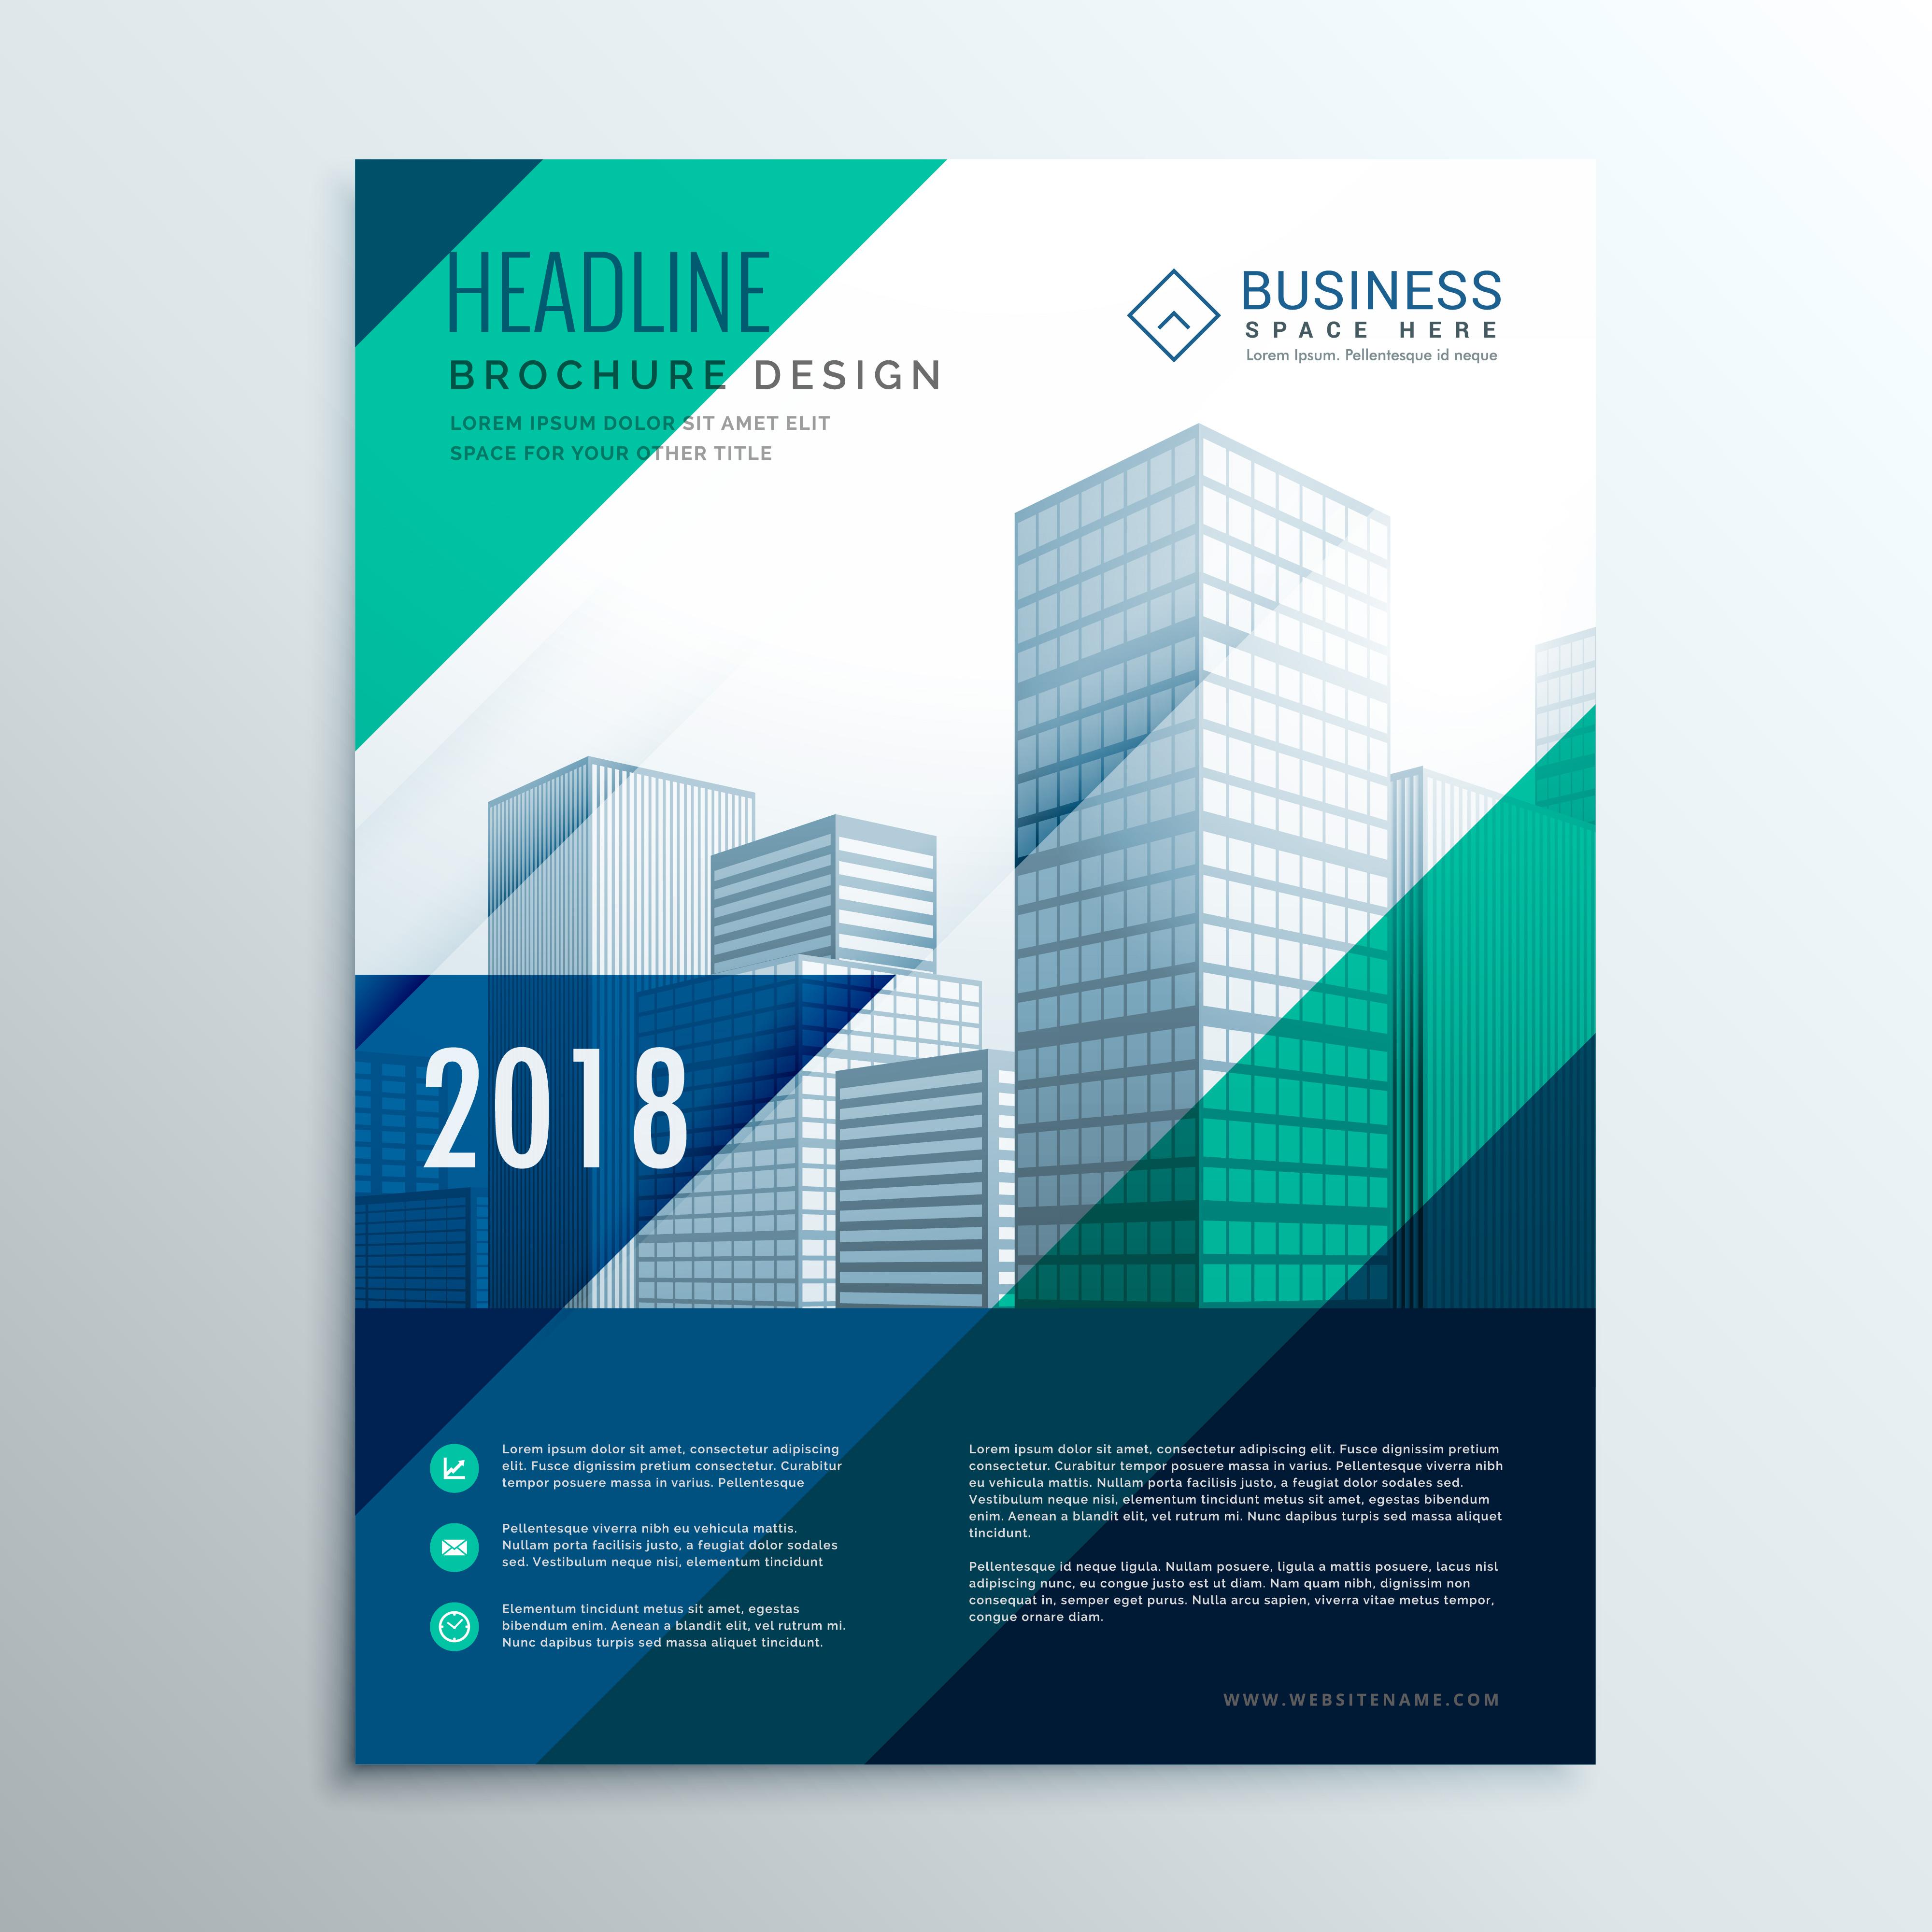 creative brochure template - creative blue brochure design template design with